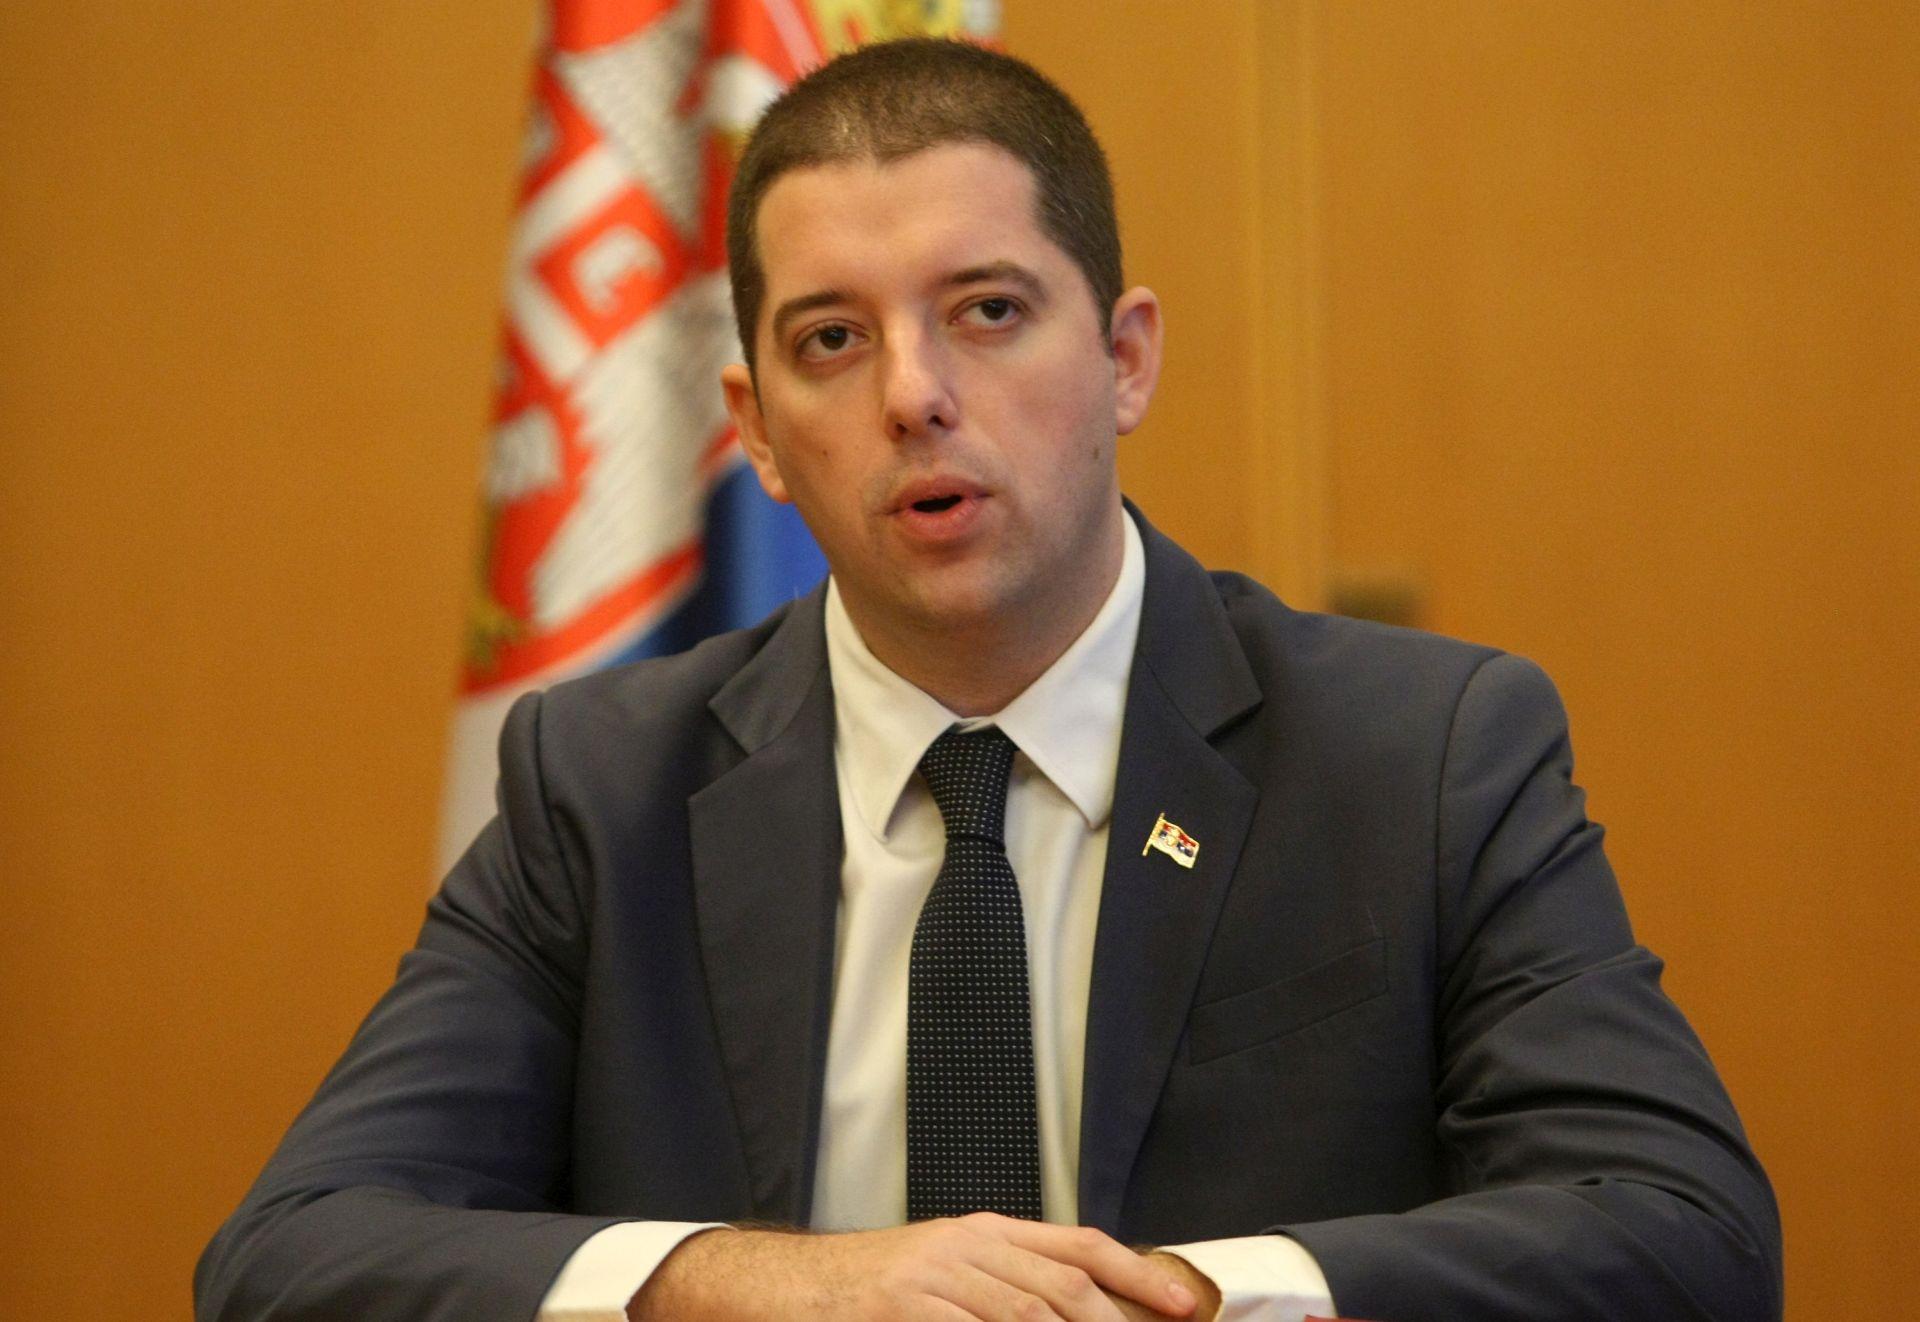 Beograd spreman za nastavak dijaloga, Priština još nije